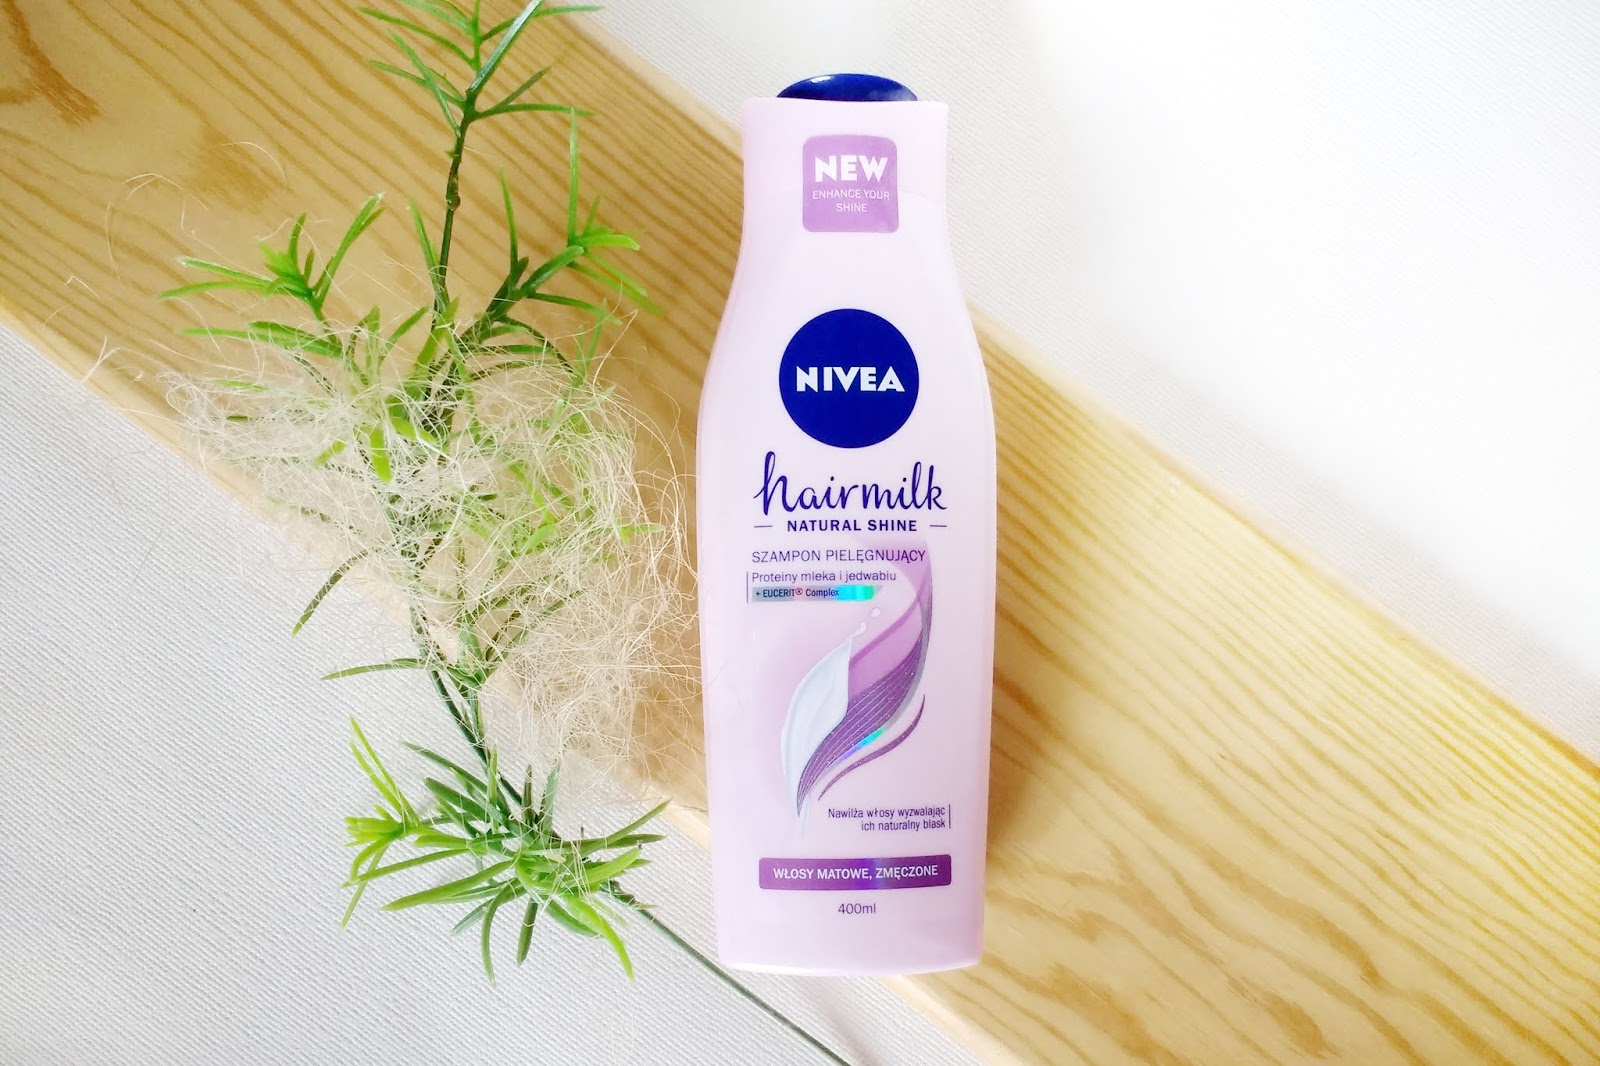 Szampon pielęgnujący Nivea Hairmilk Natural Shine | włosy matowe i zmęczone {Recenzja}